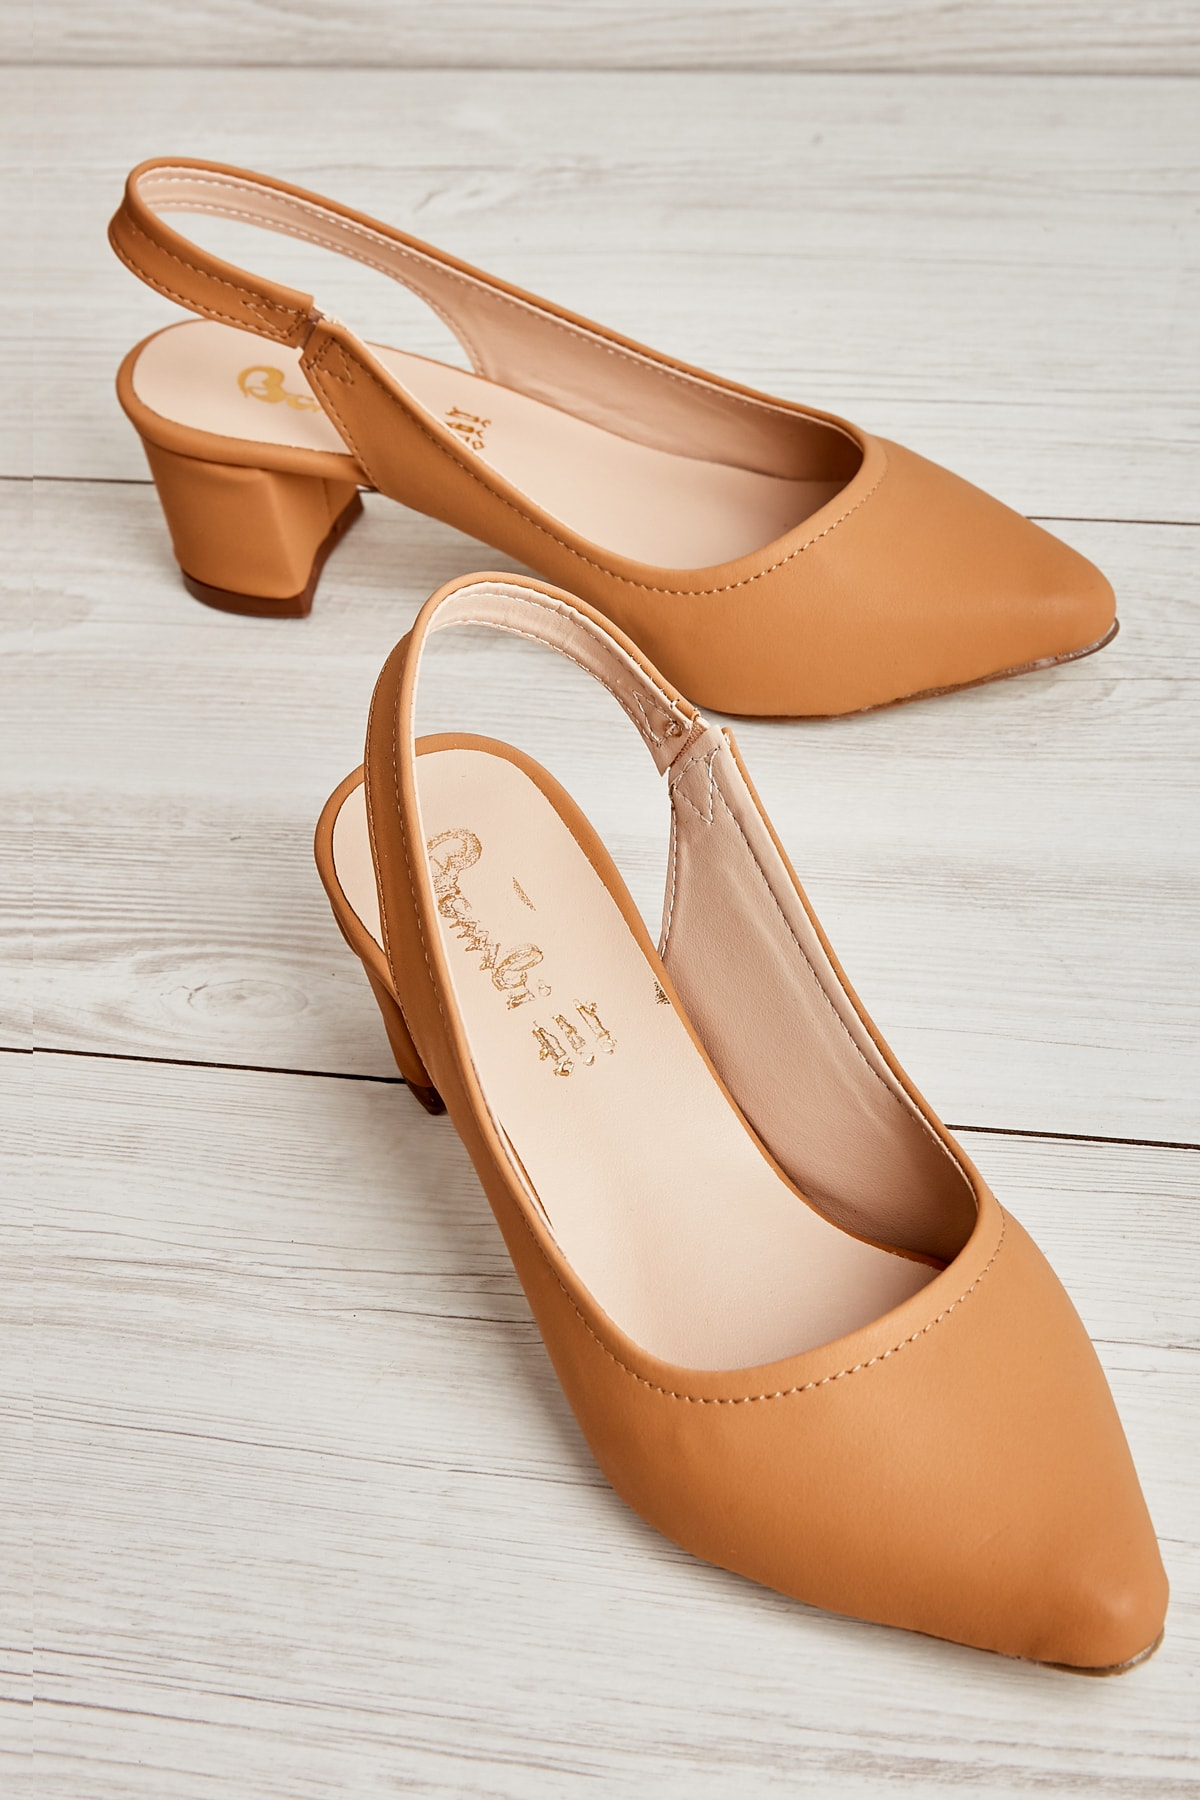 Camel Nubuk Kadın Klasik Topuklu Ayakkabı K01503721071